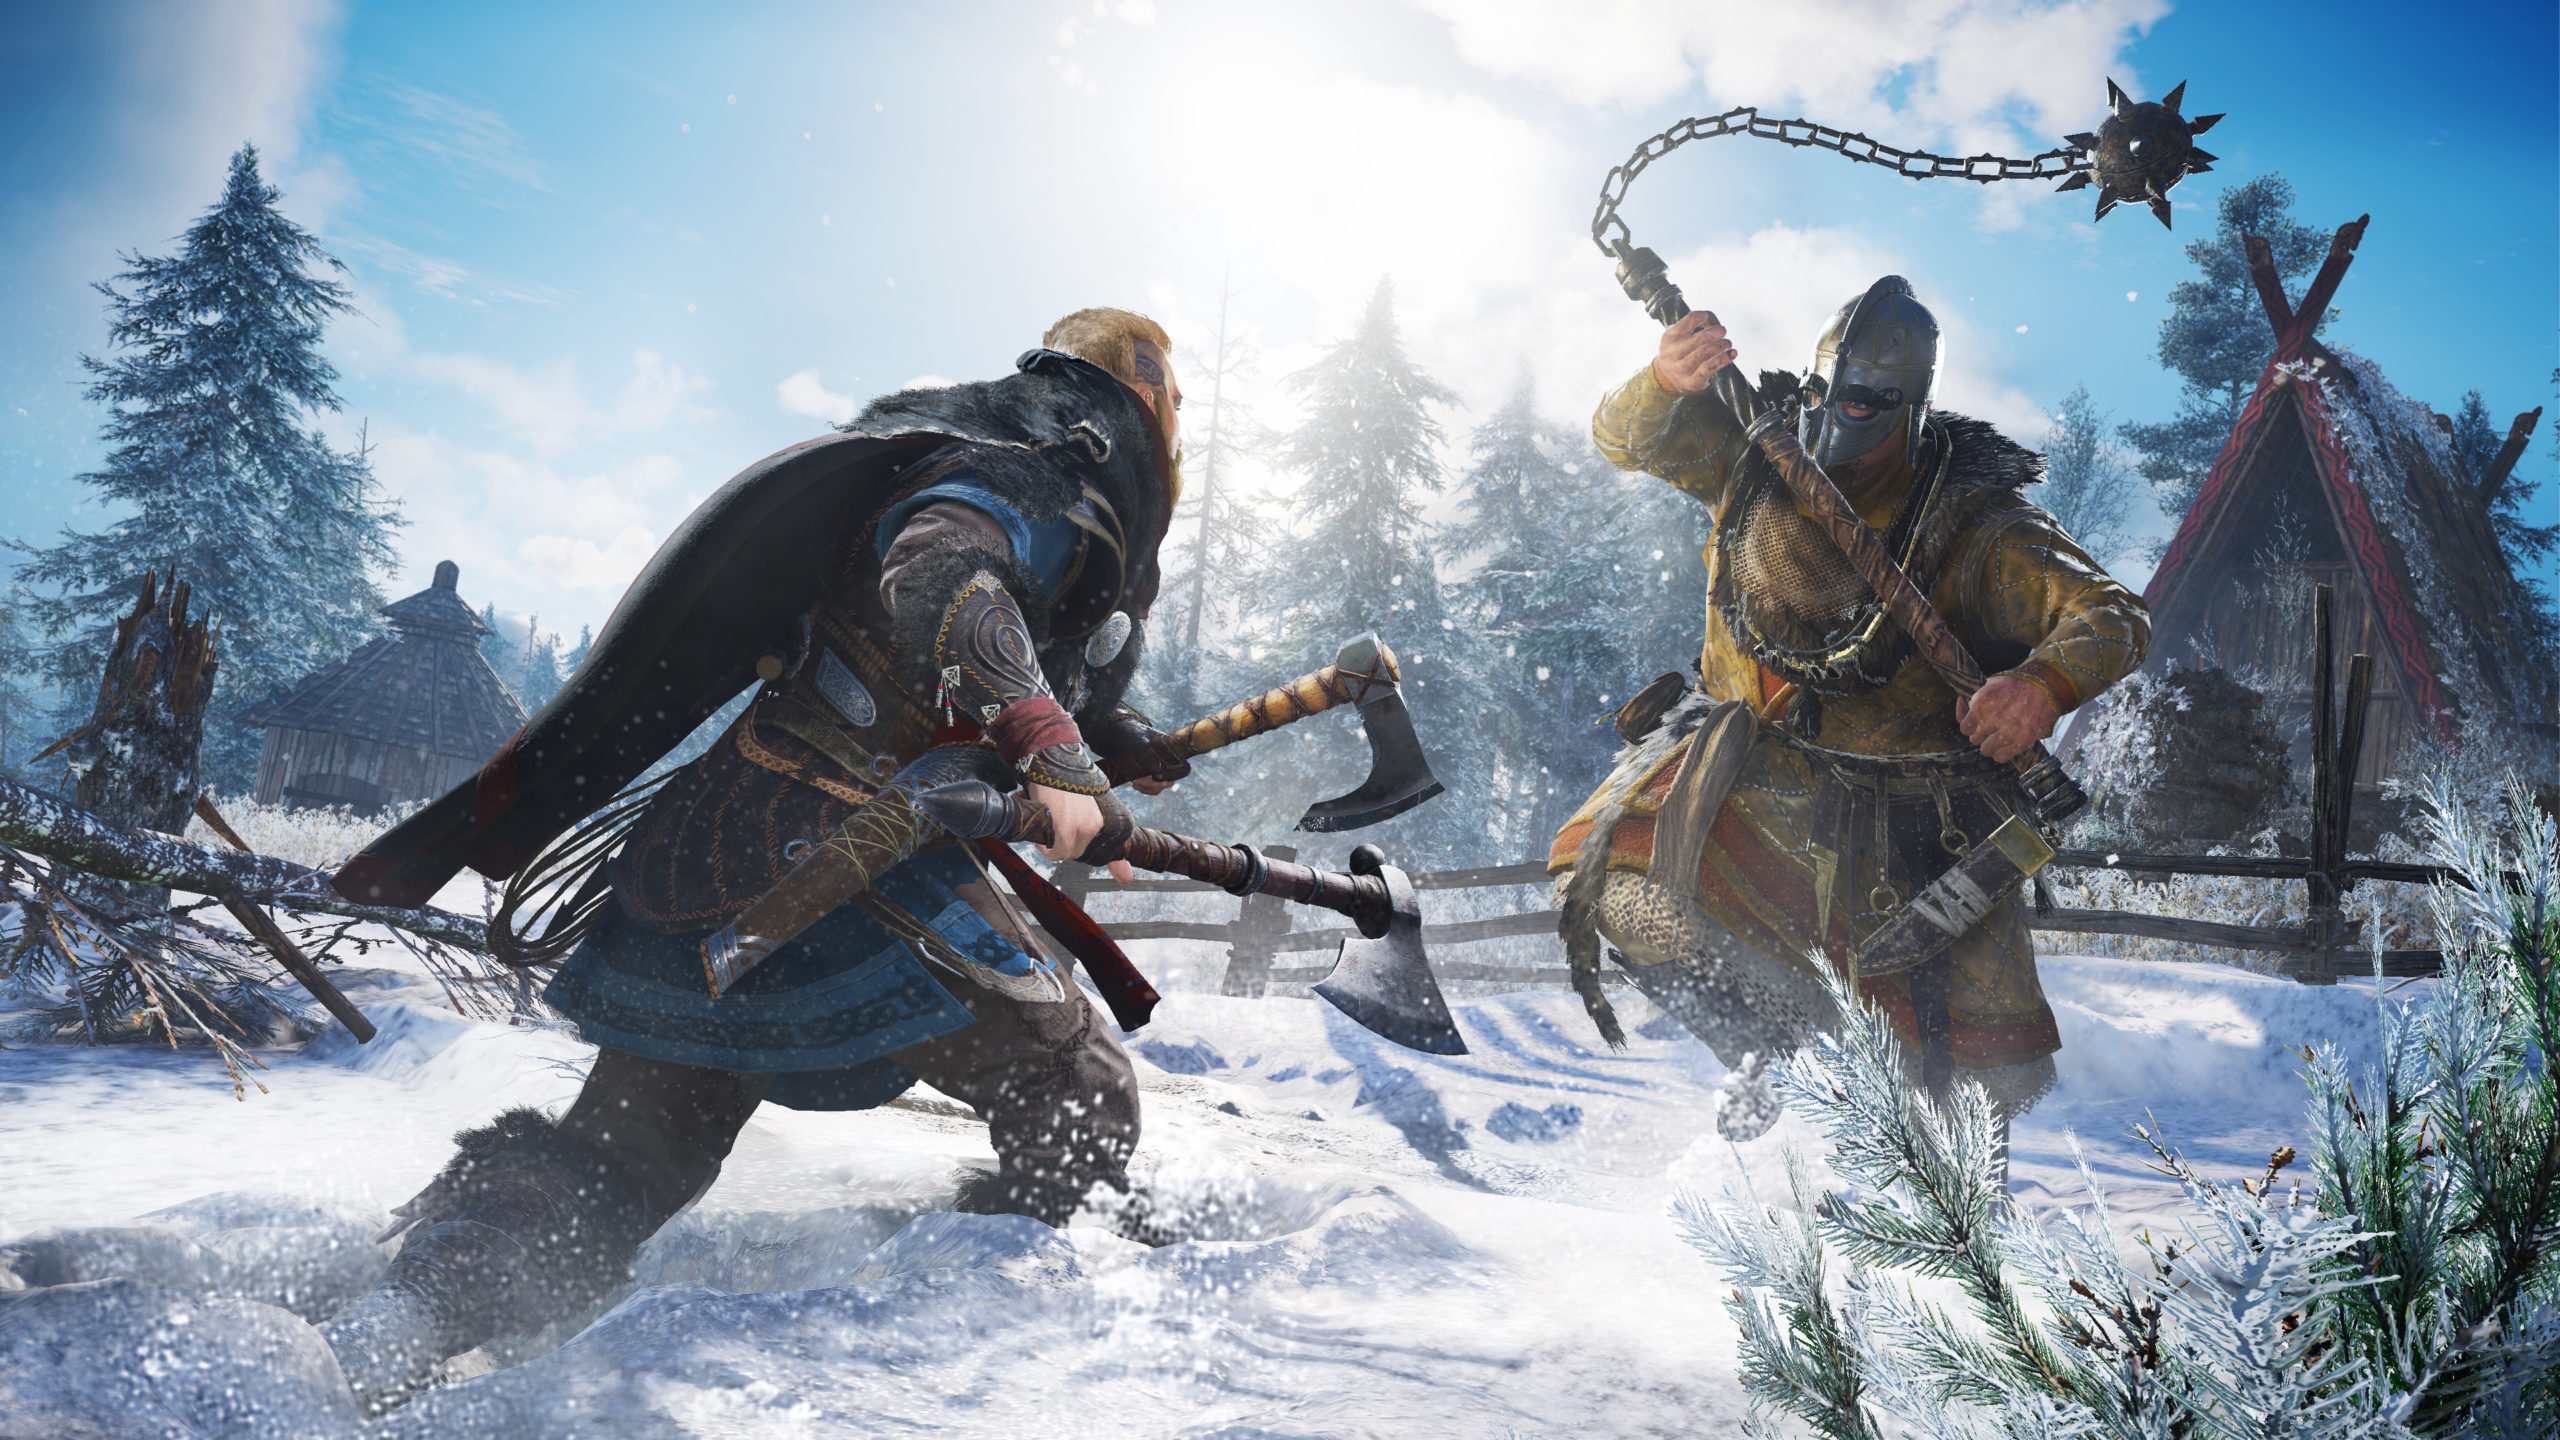 Les combats dans Assassin's Creed Valhalla promettent d'être particulièrement féroces